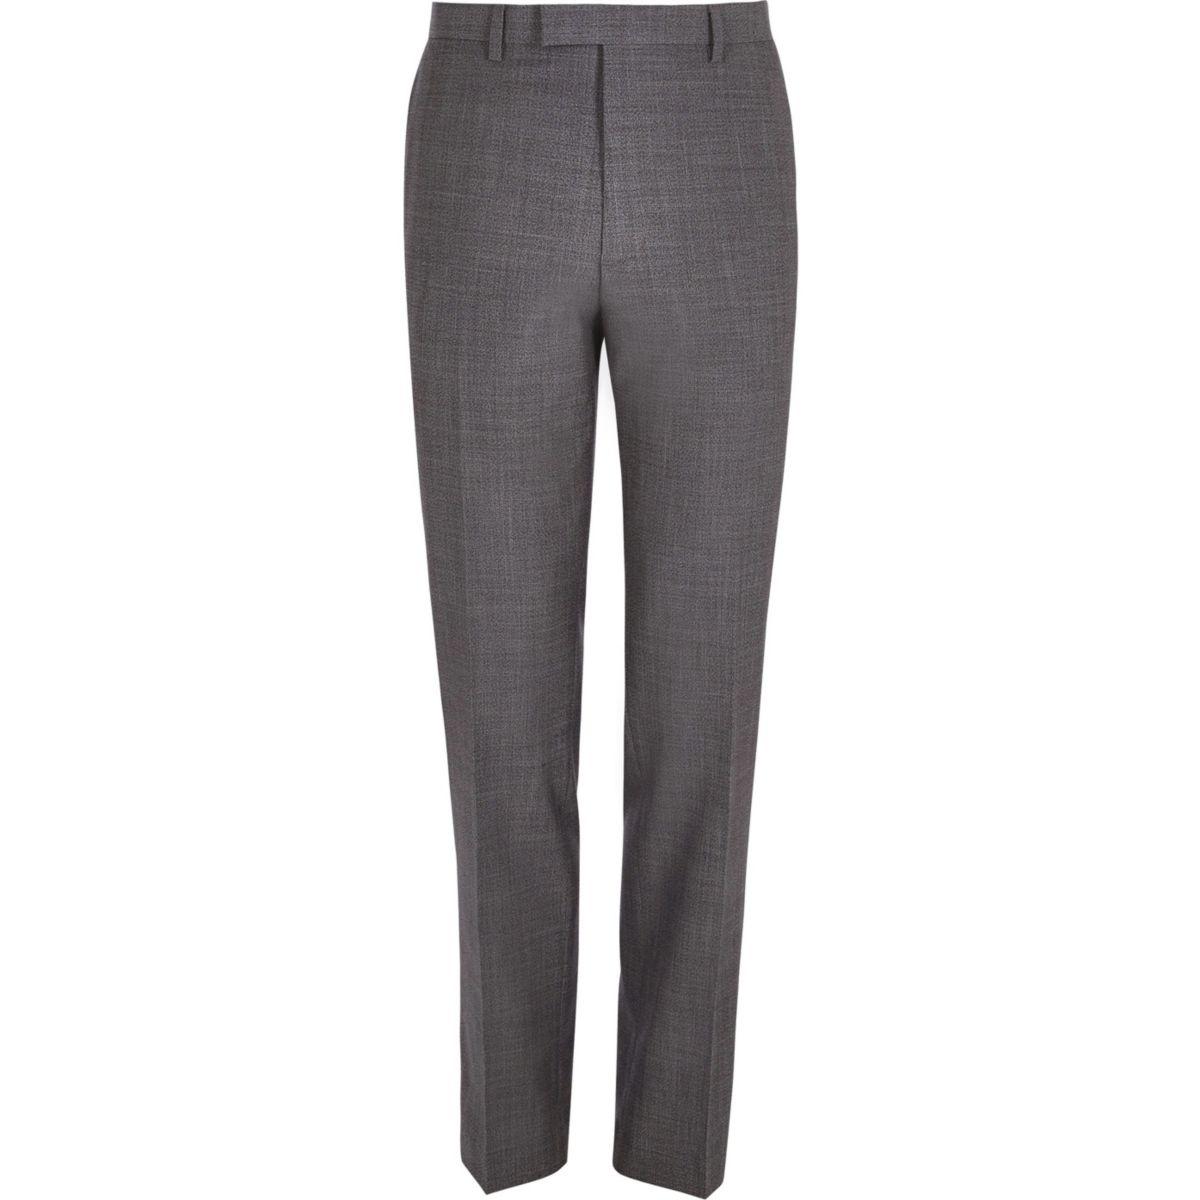 Grey slim fit suit pants